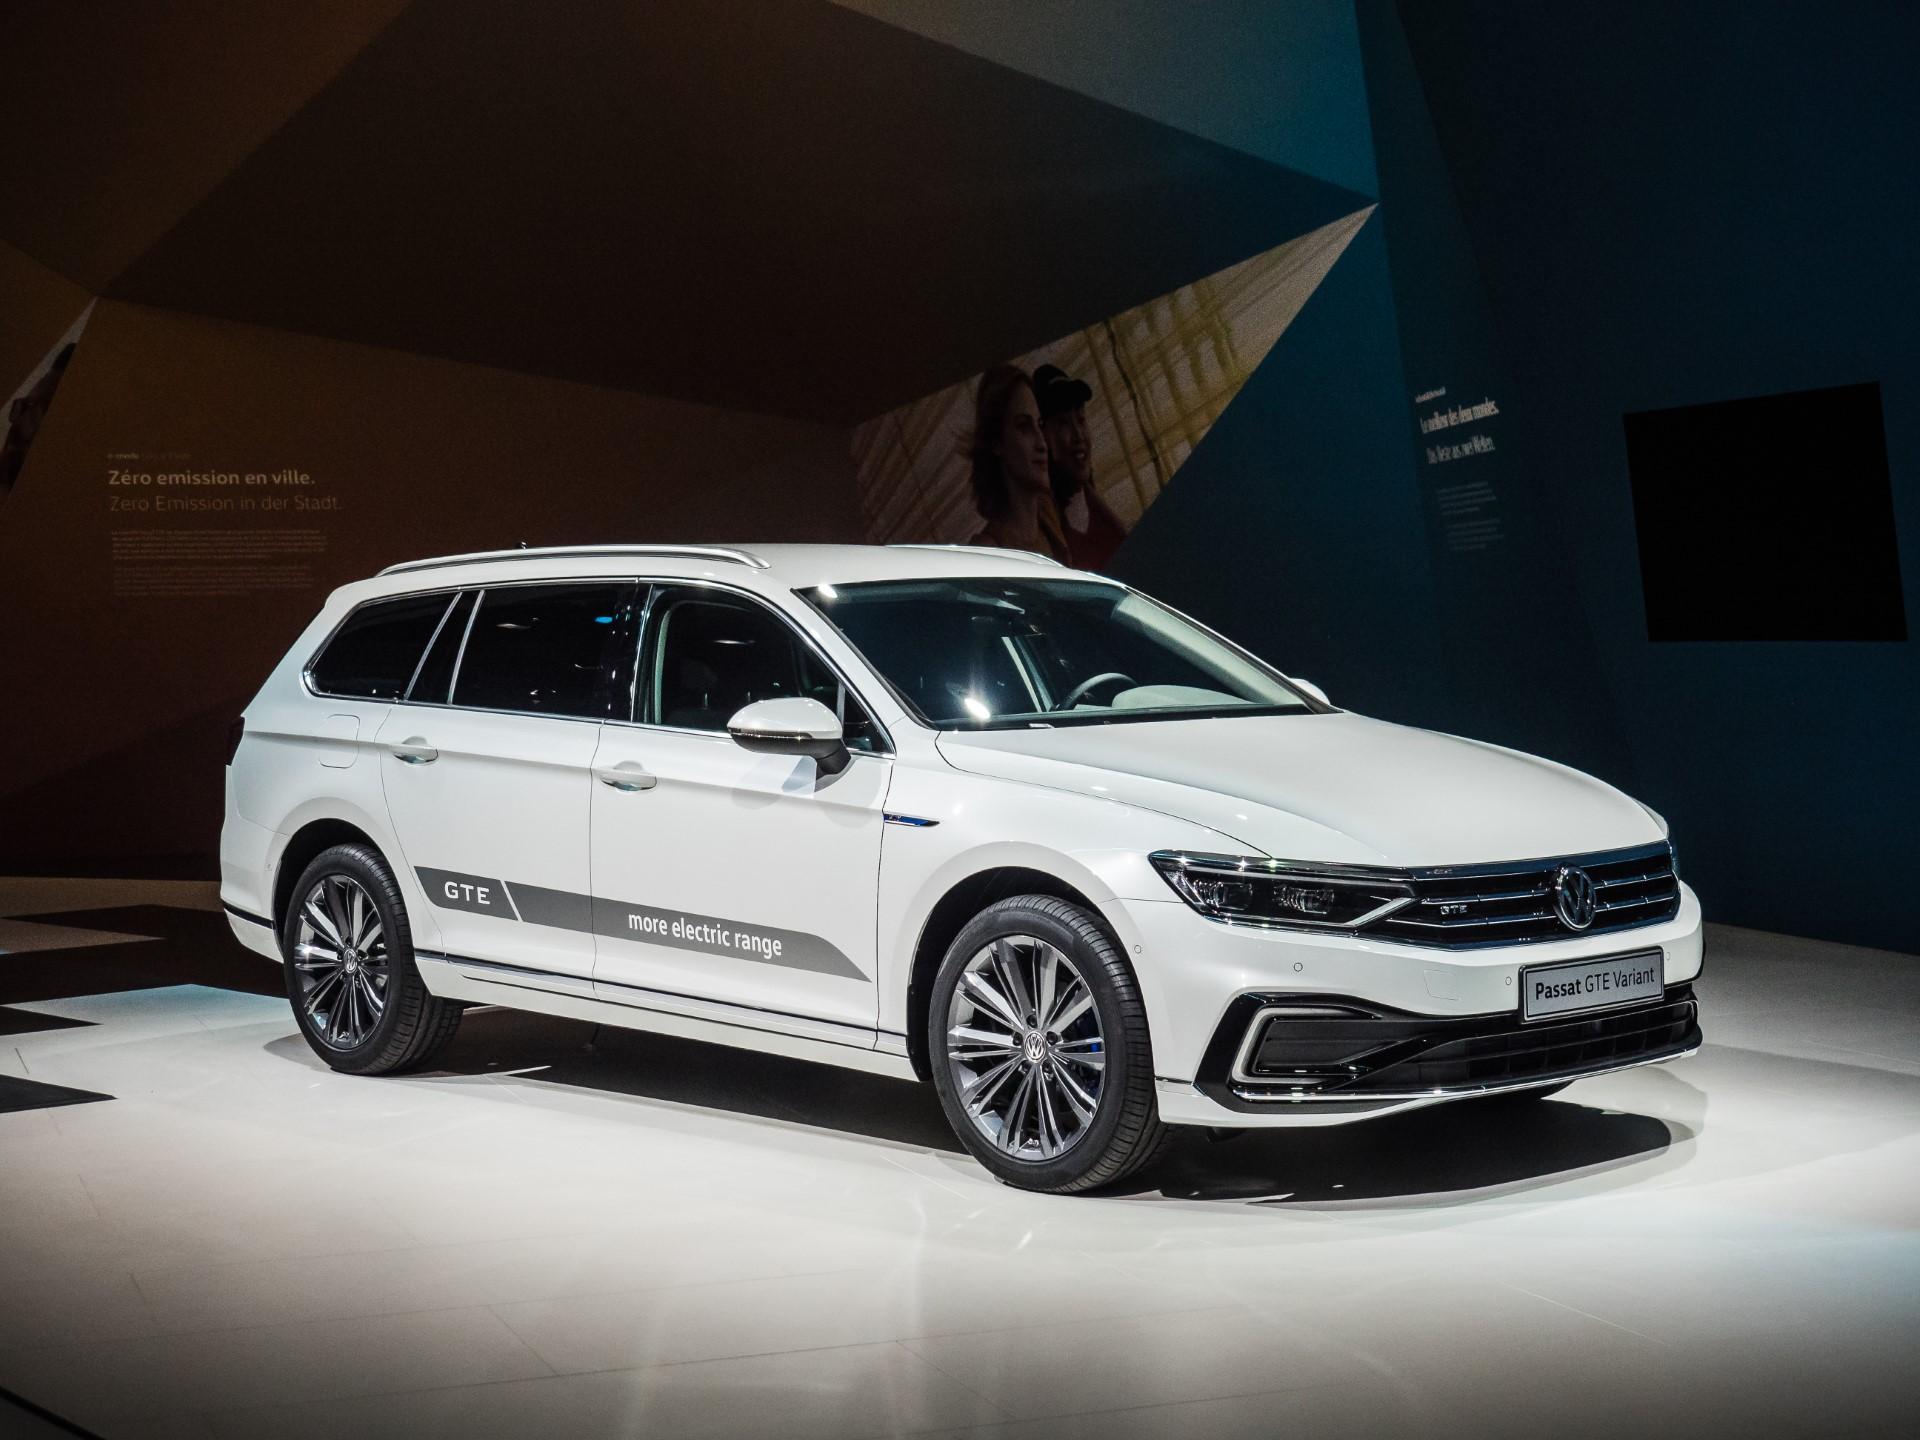 Zeneva 2019 Predstavljamo Prenovljeni Volkswagen Passat 2019 Jeseni Pri Porsche Inter Auto Porsche Inter Auto